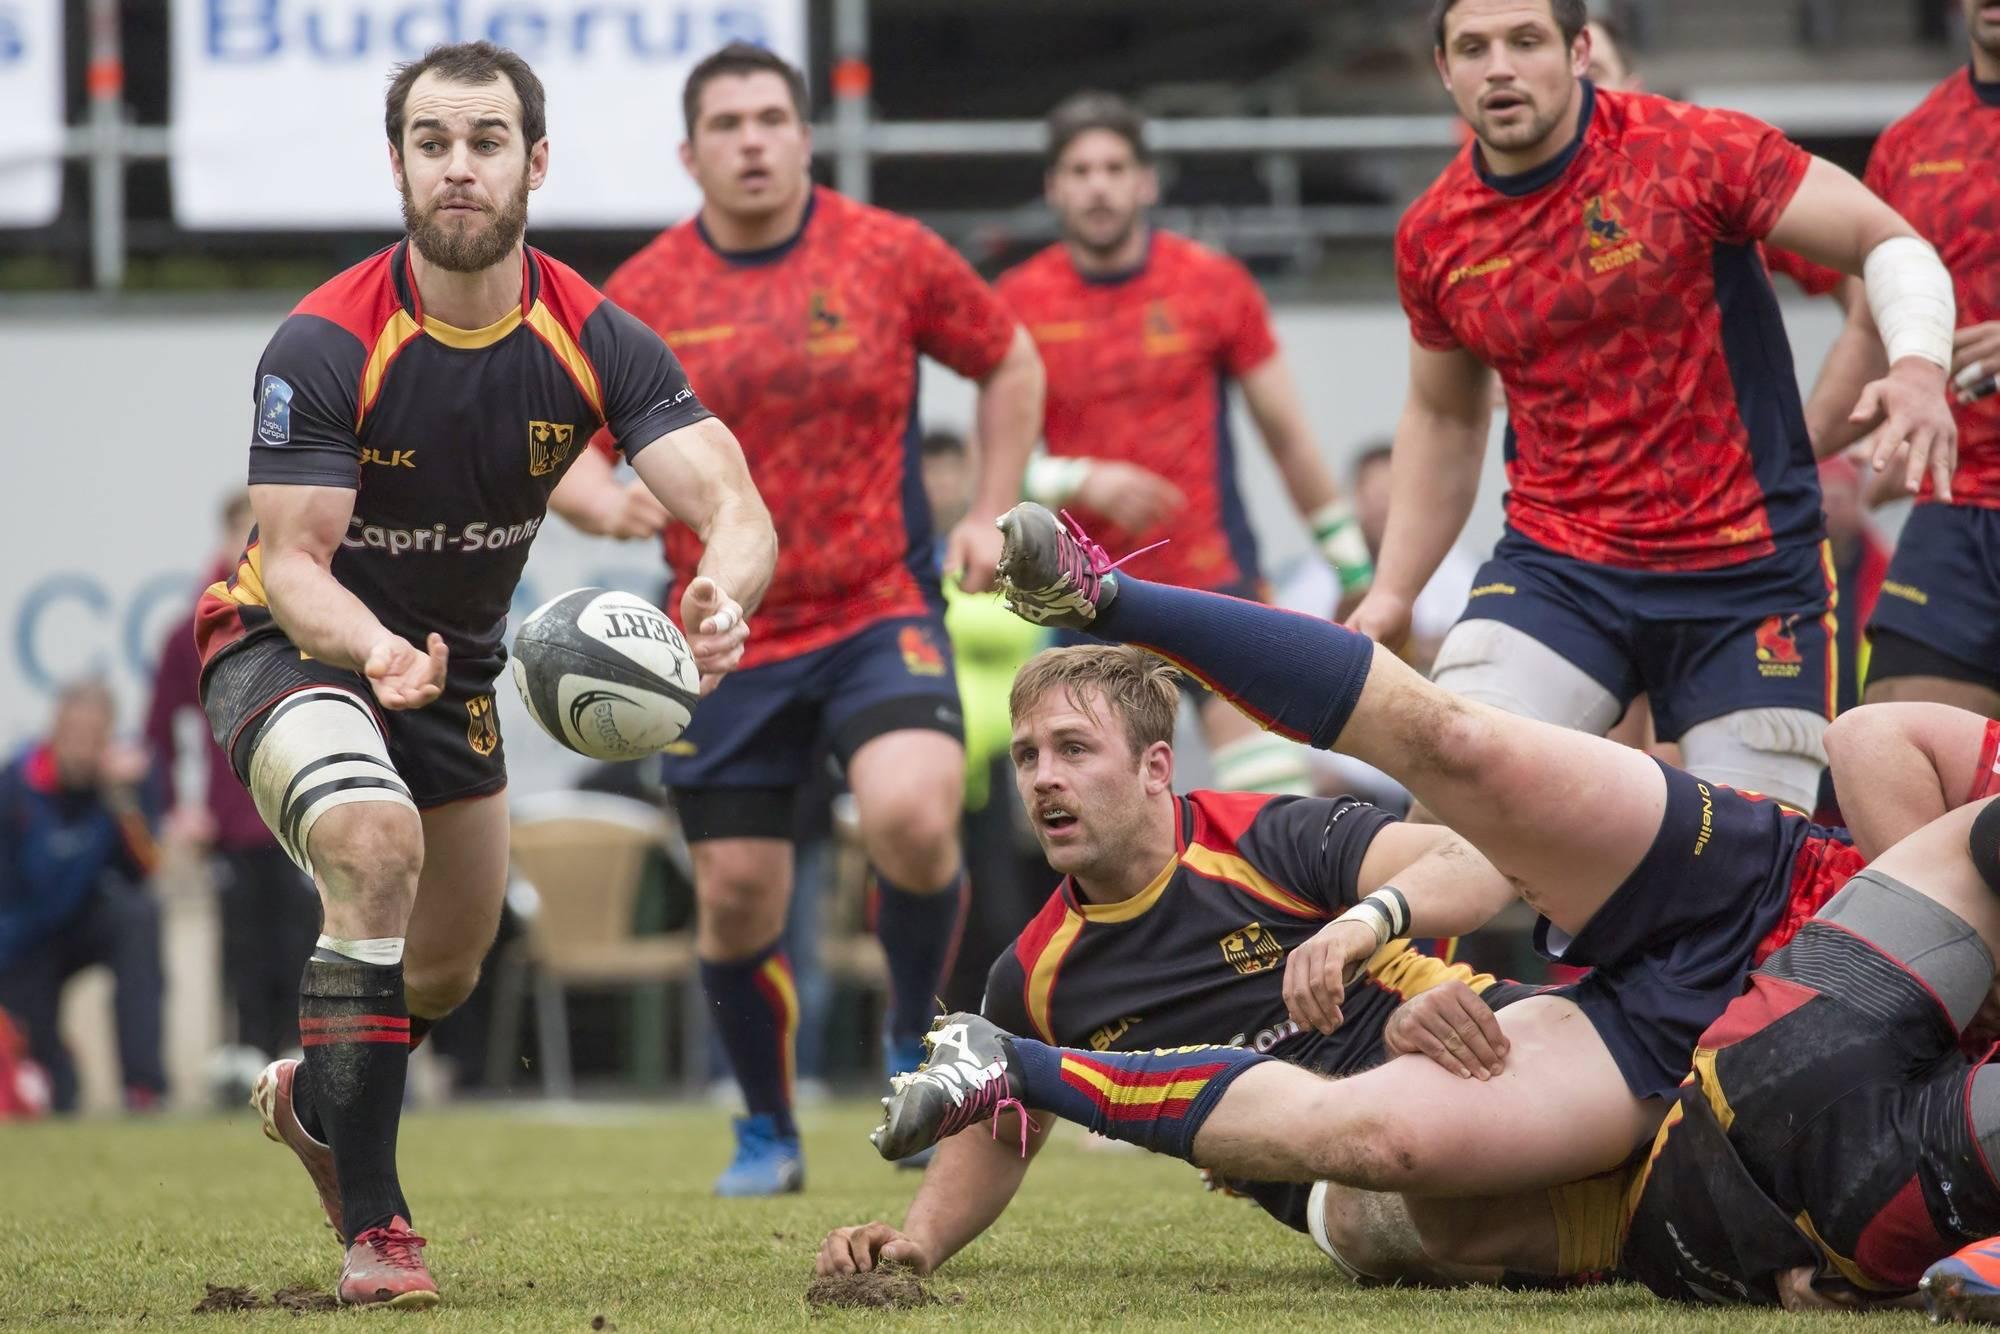 wm rugby 2019